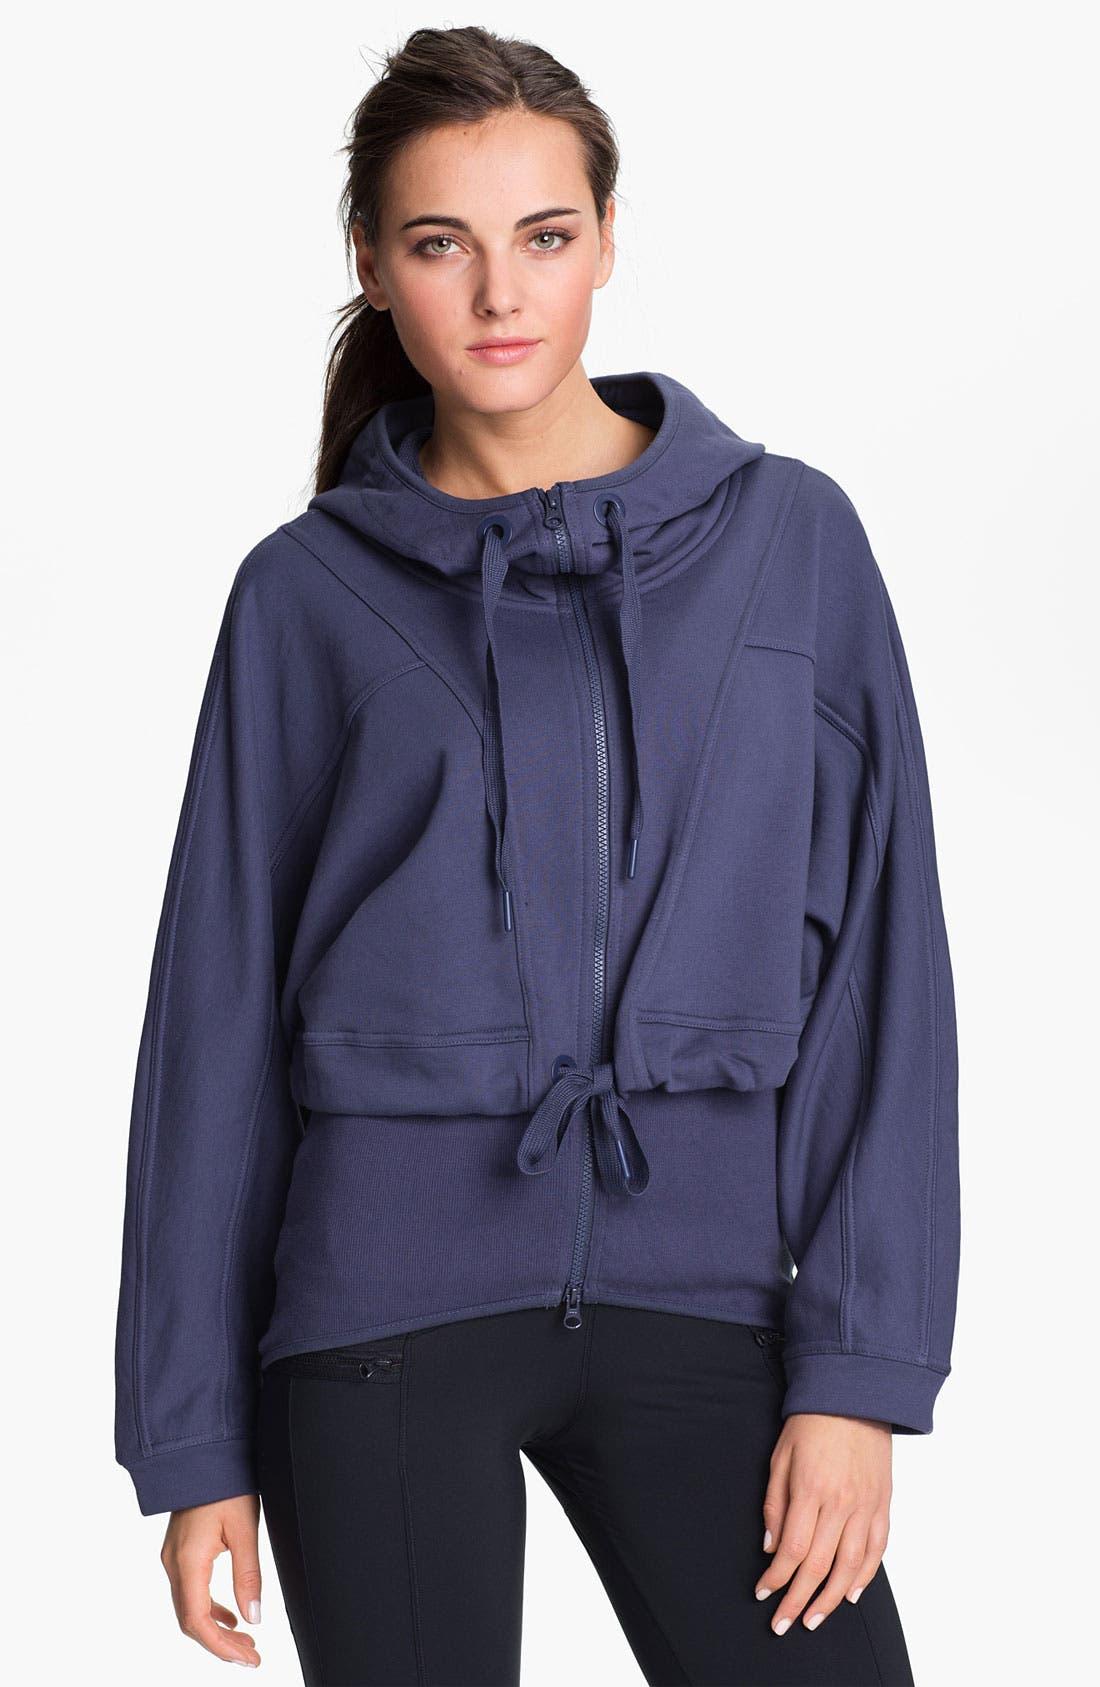 Alternate Image 1 Selected - adidas by Stella McCartney 'Studio' Hoodie